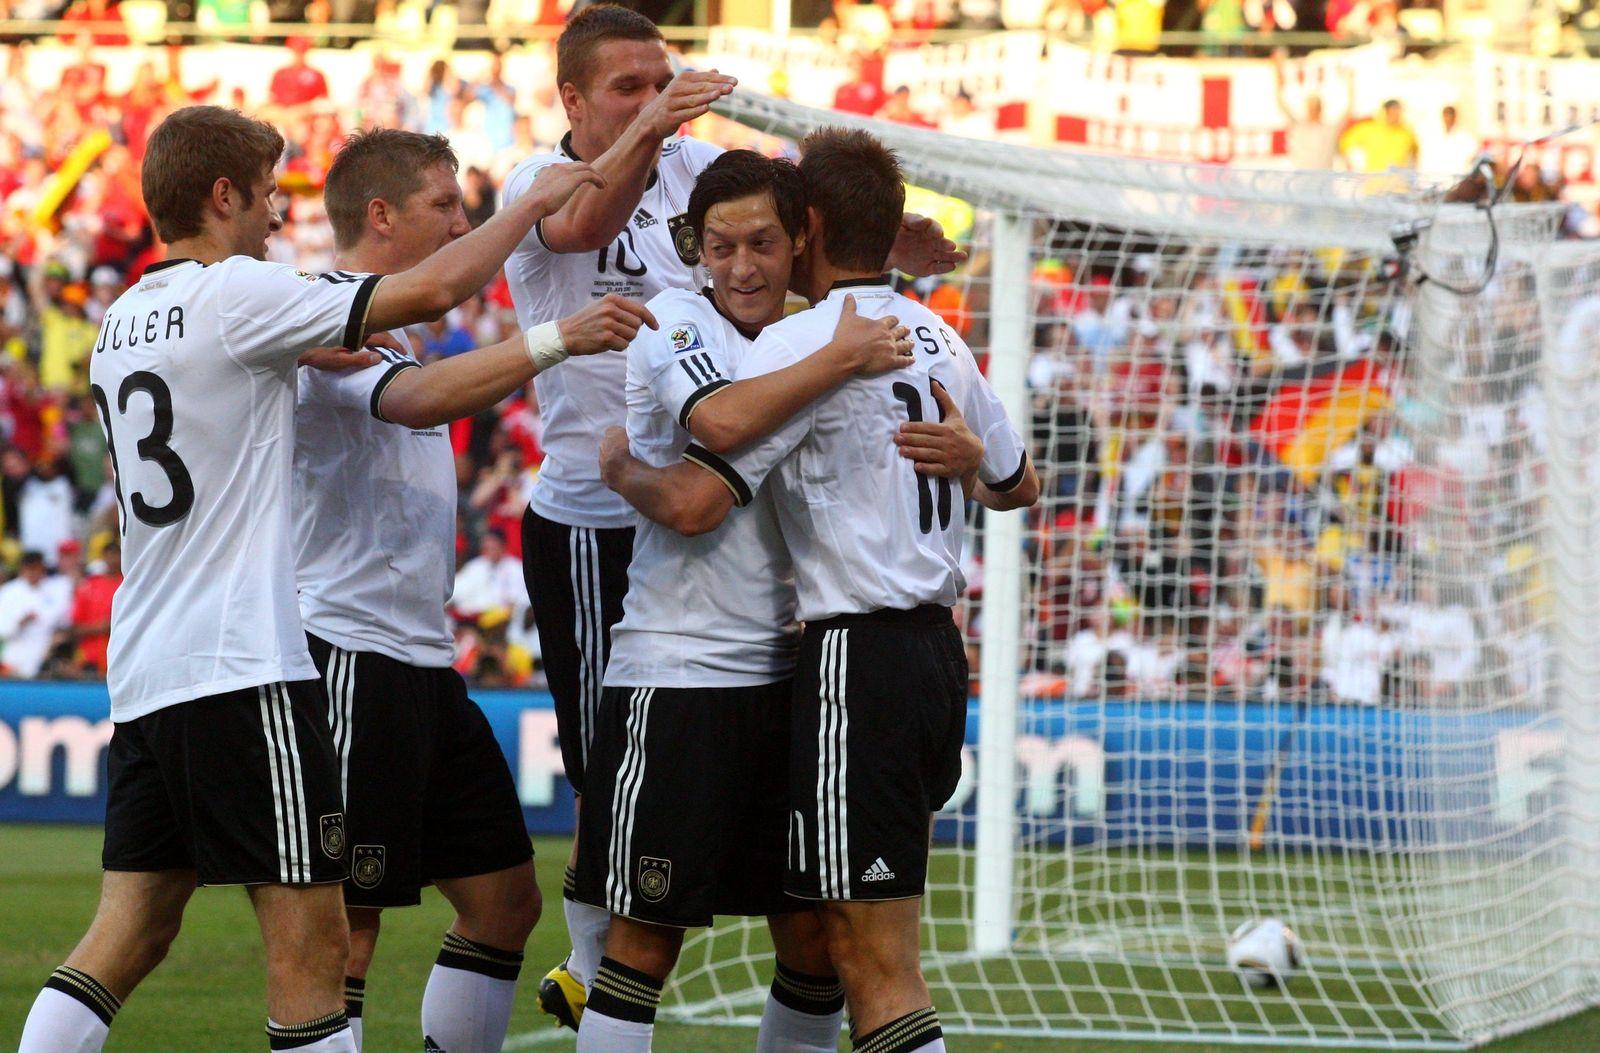 WM 2010 - Deutschland - England